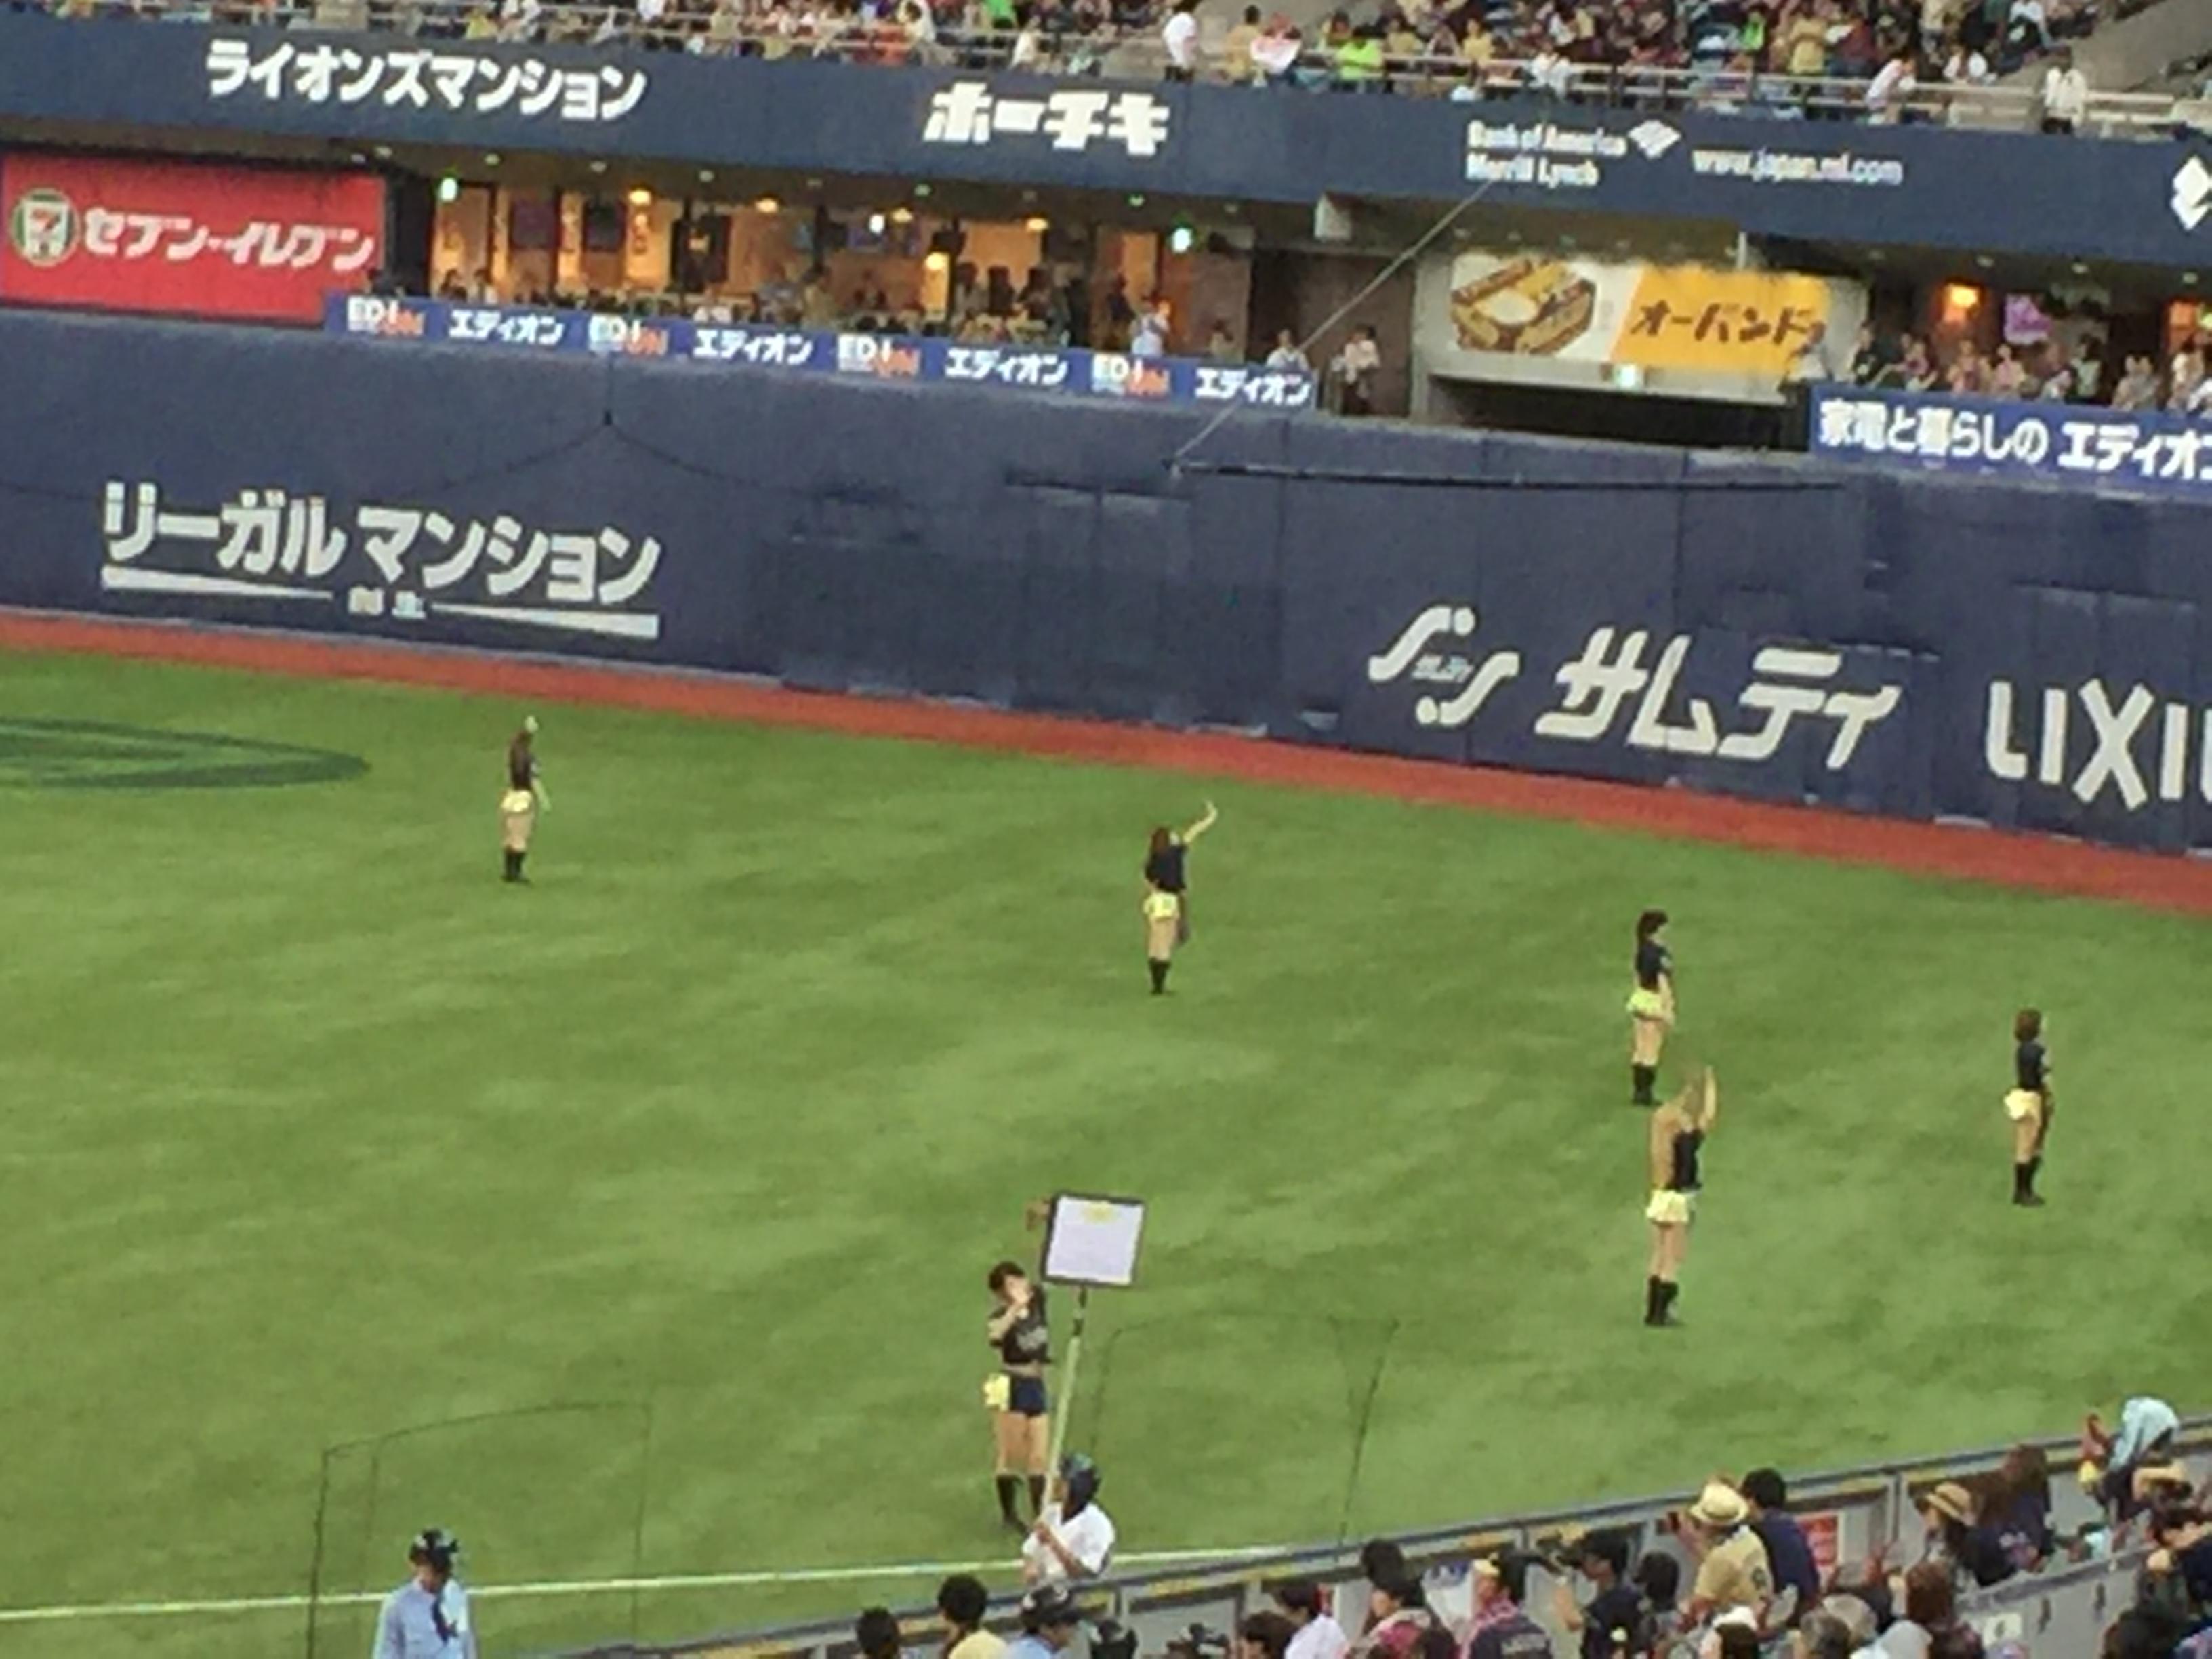 2015年6月21日 オリックス 対 埼玉西武 Bs選手会プロデュースデー